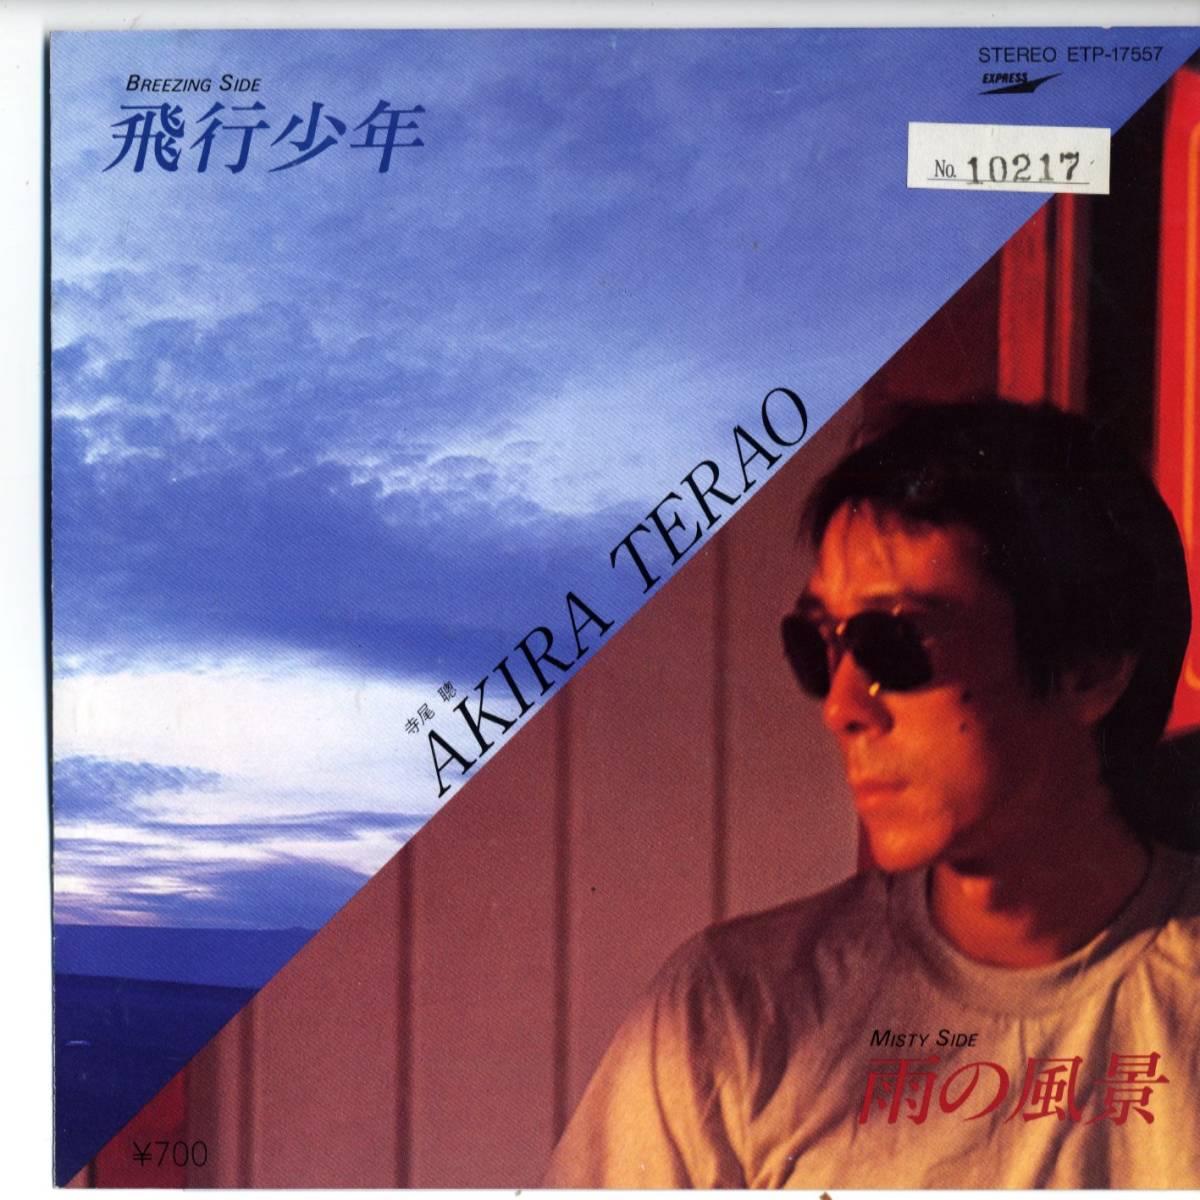 寺尾聰 「飛行少年/雨の風景」 EPレコード_画像1